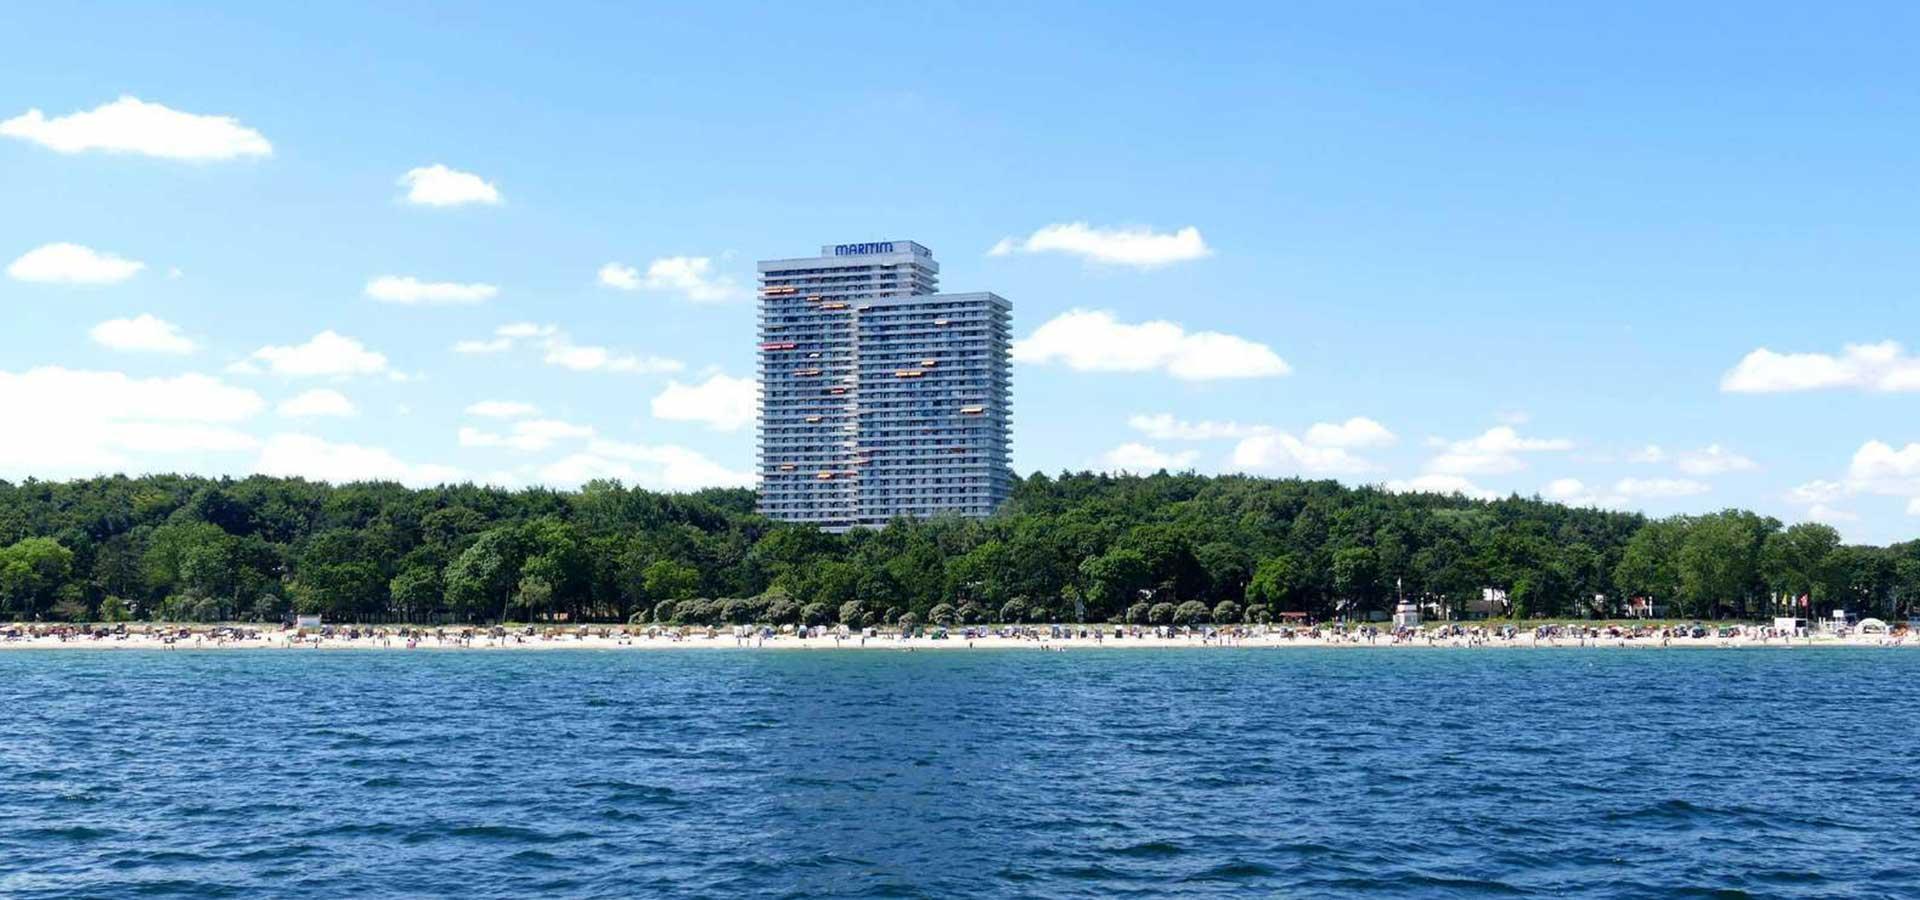 Maritim ClubHotel - Aussenansicht von der Seeseite